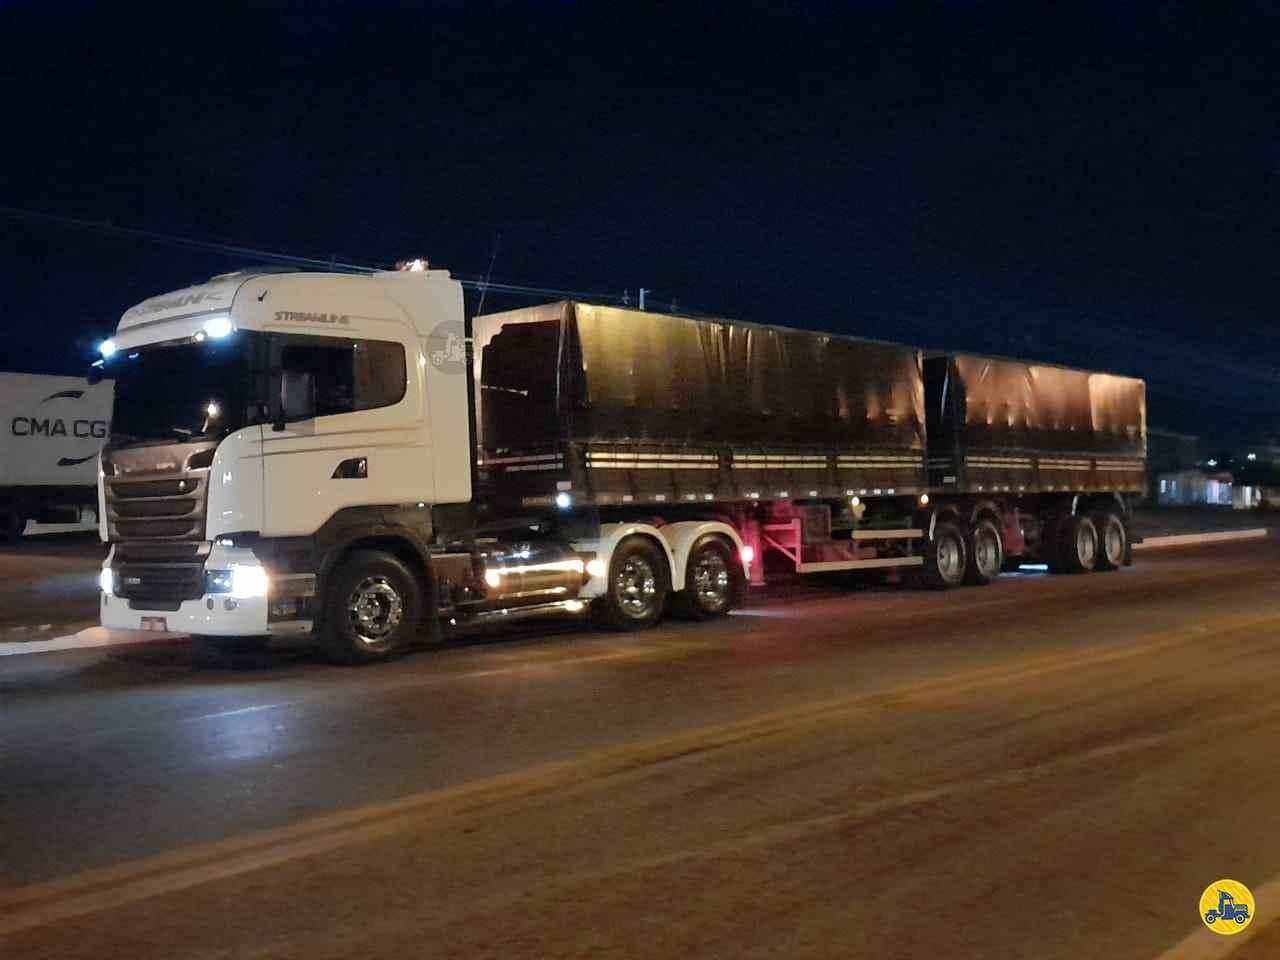 CAMINHAO SCANIA SCANIA 480 Cavalo Mecânico Traçado 6x4 Ebenezer Caminhões e Carretas CAPAO BONITO SÃO PAULO SP